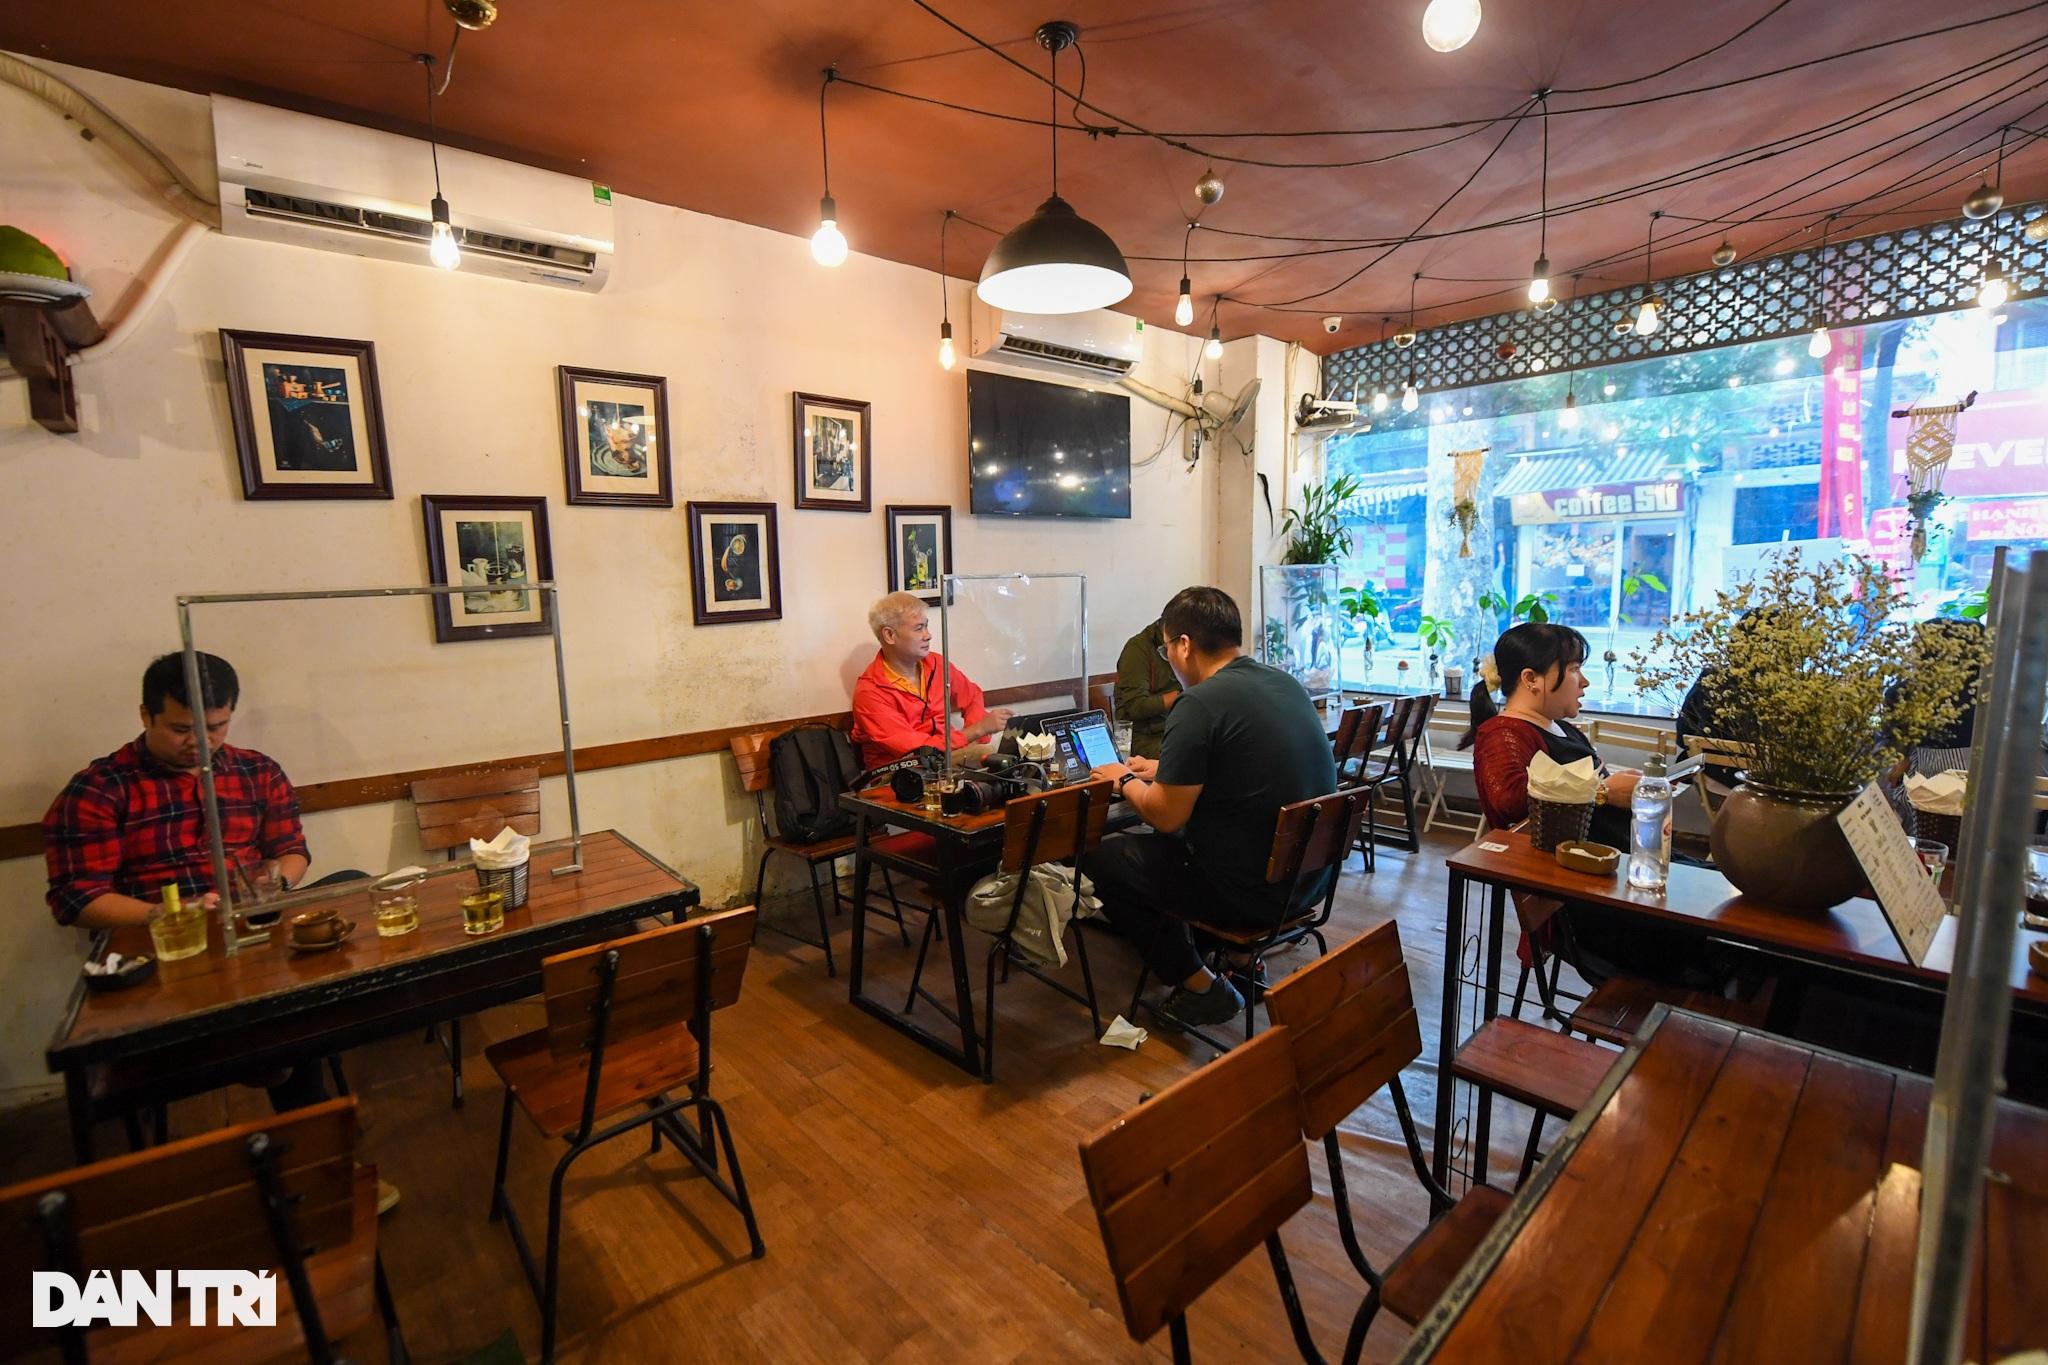 Hàng ăn, quán cafe tấp nập trong ngày đầu phục vụ khách tại chỗ - 7